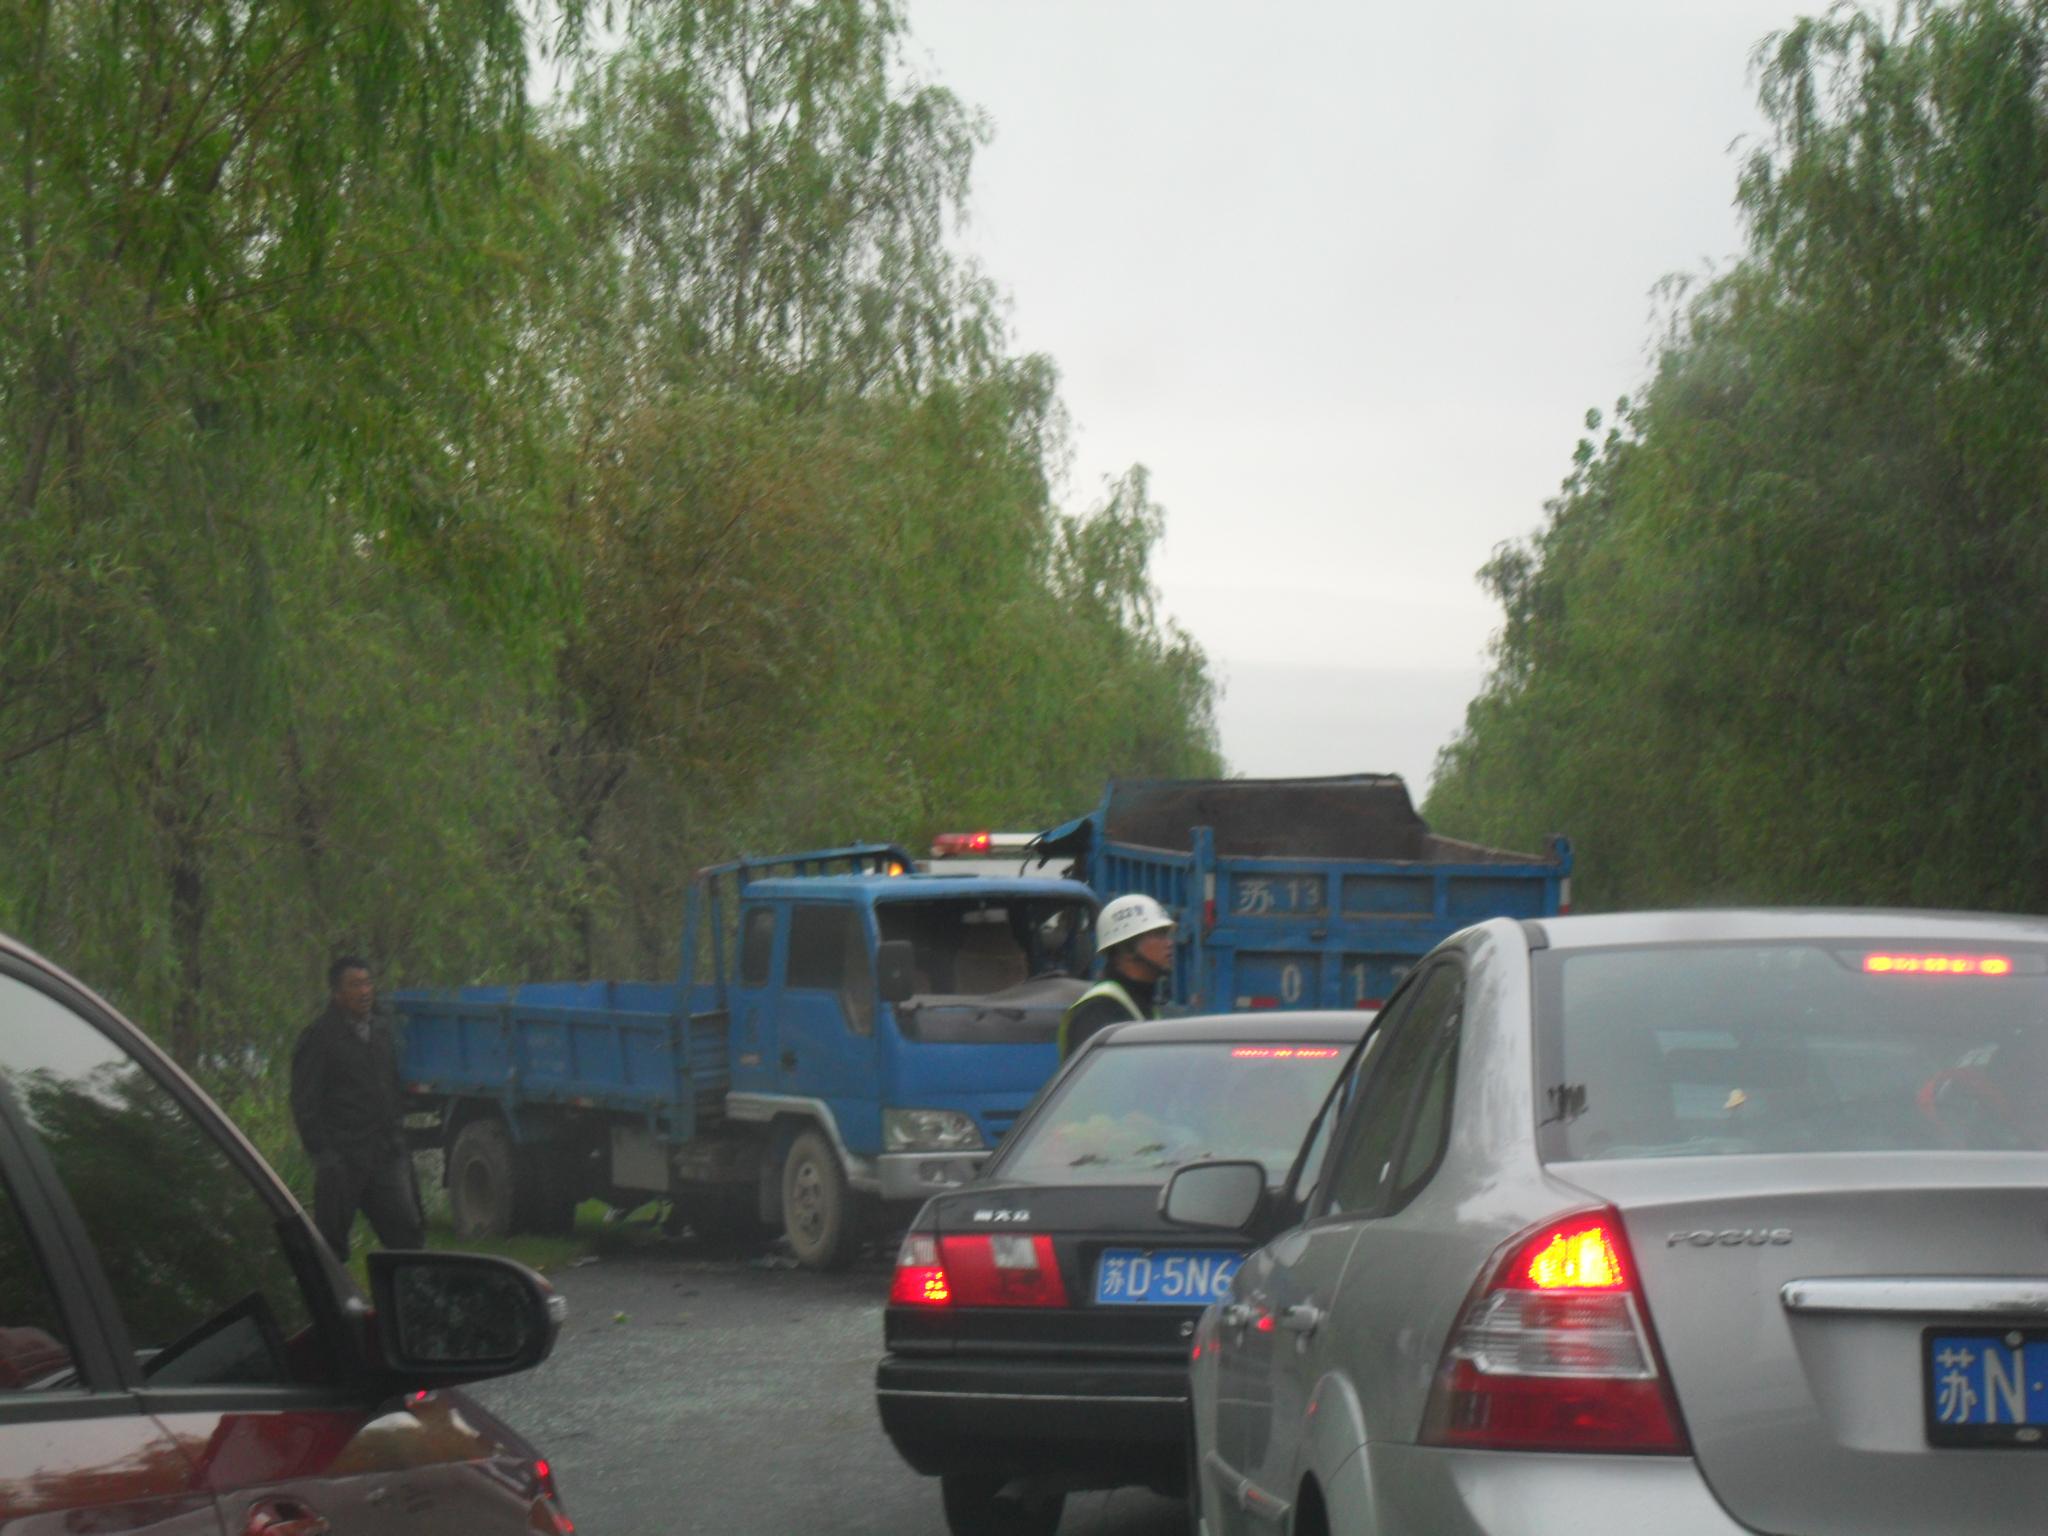 中秋节上午回双沟路遇两起车祸高清图片